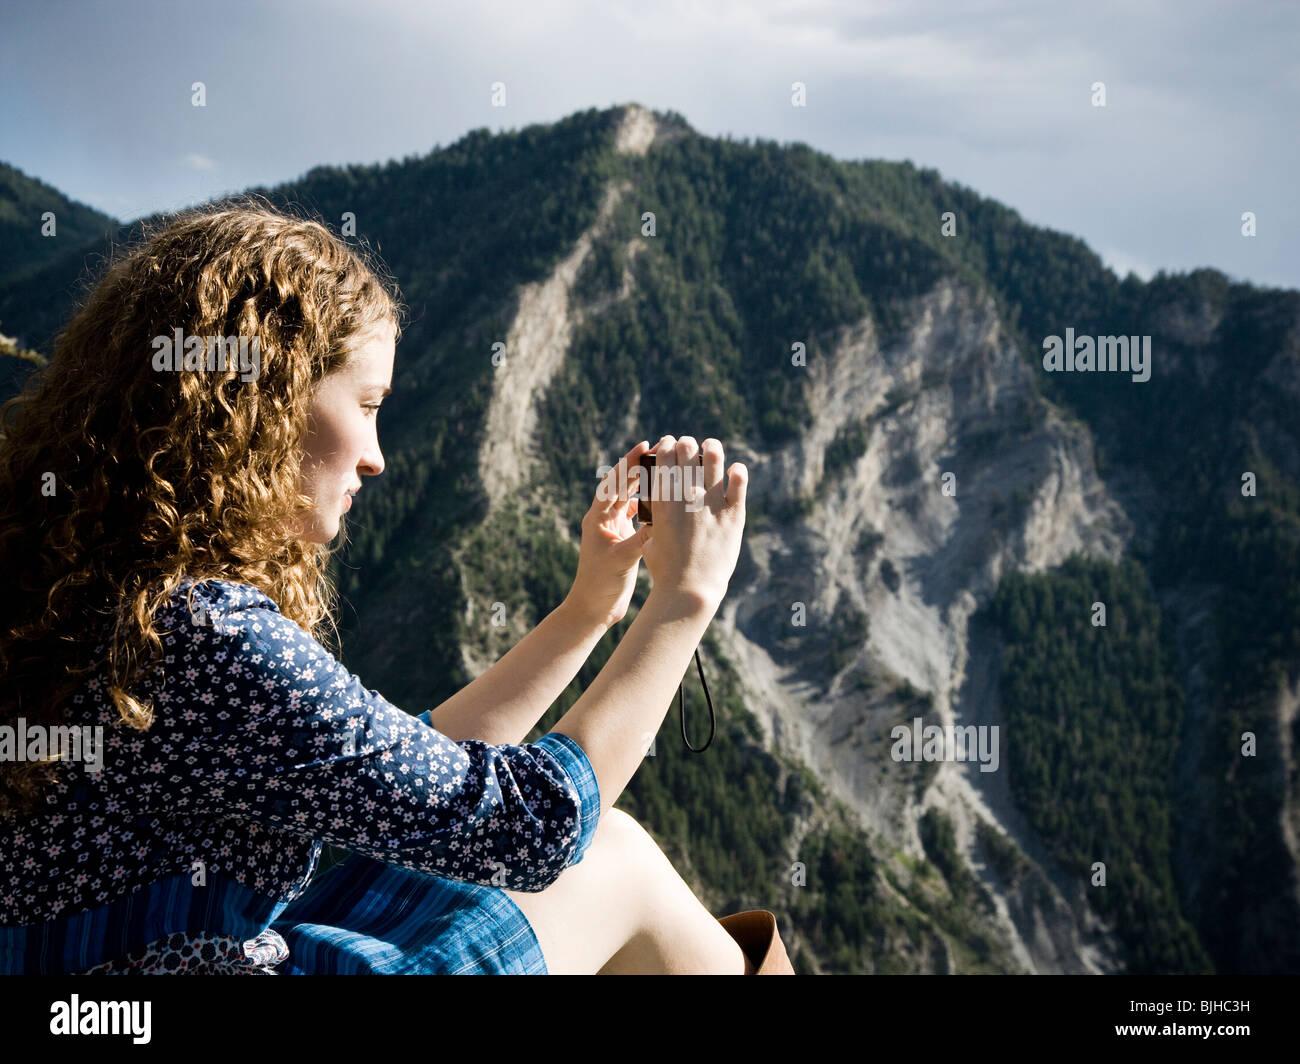 Frau in einem floralen print Kleid auf einem Berggipfel Stockbild